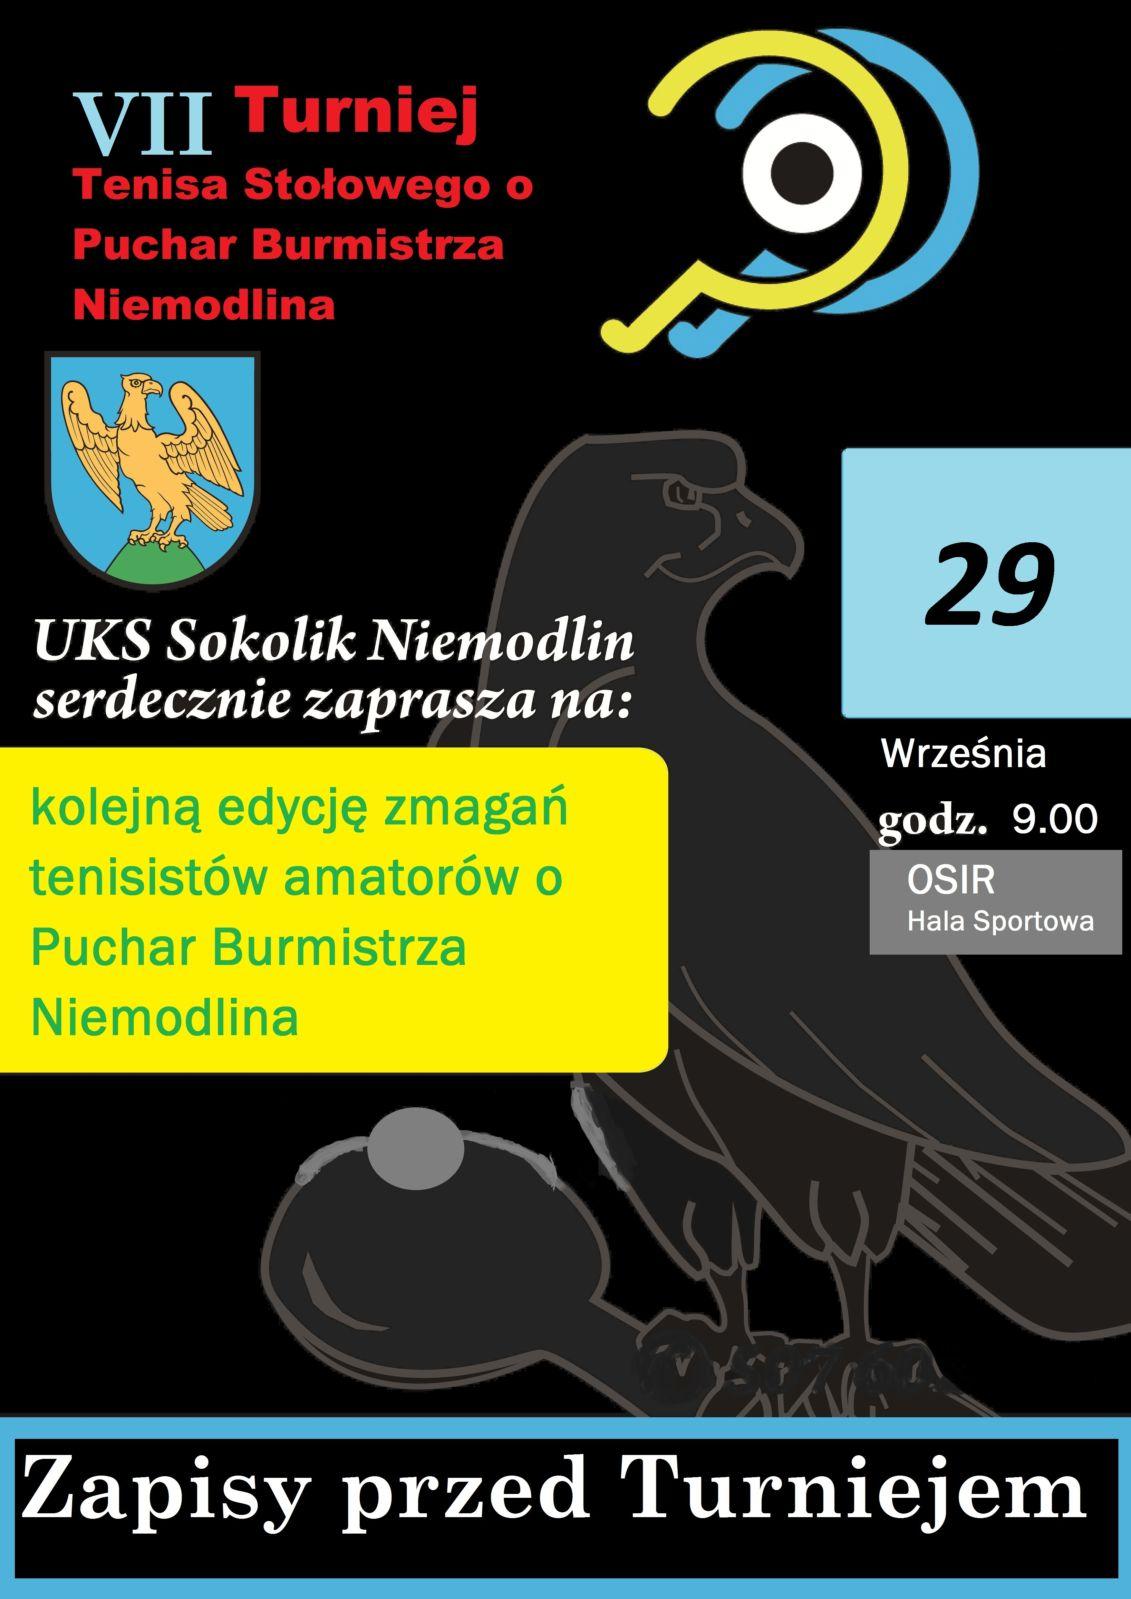 turniej amatorów orginał - Kopia 2013.jpeg